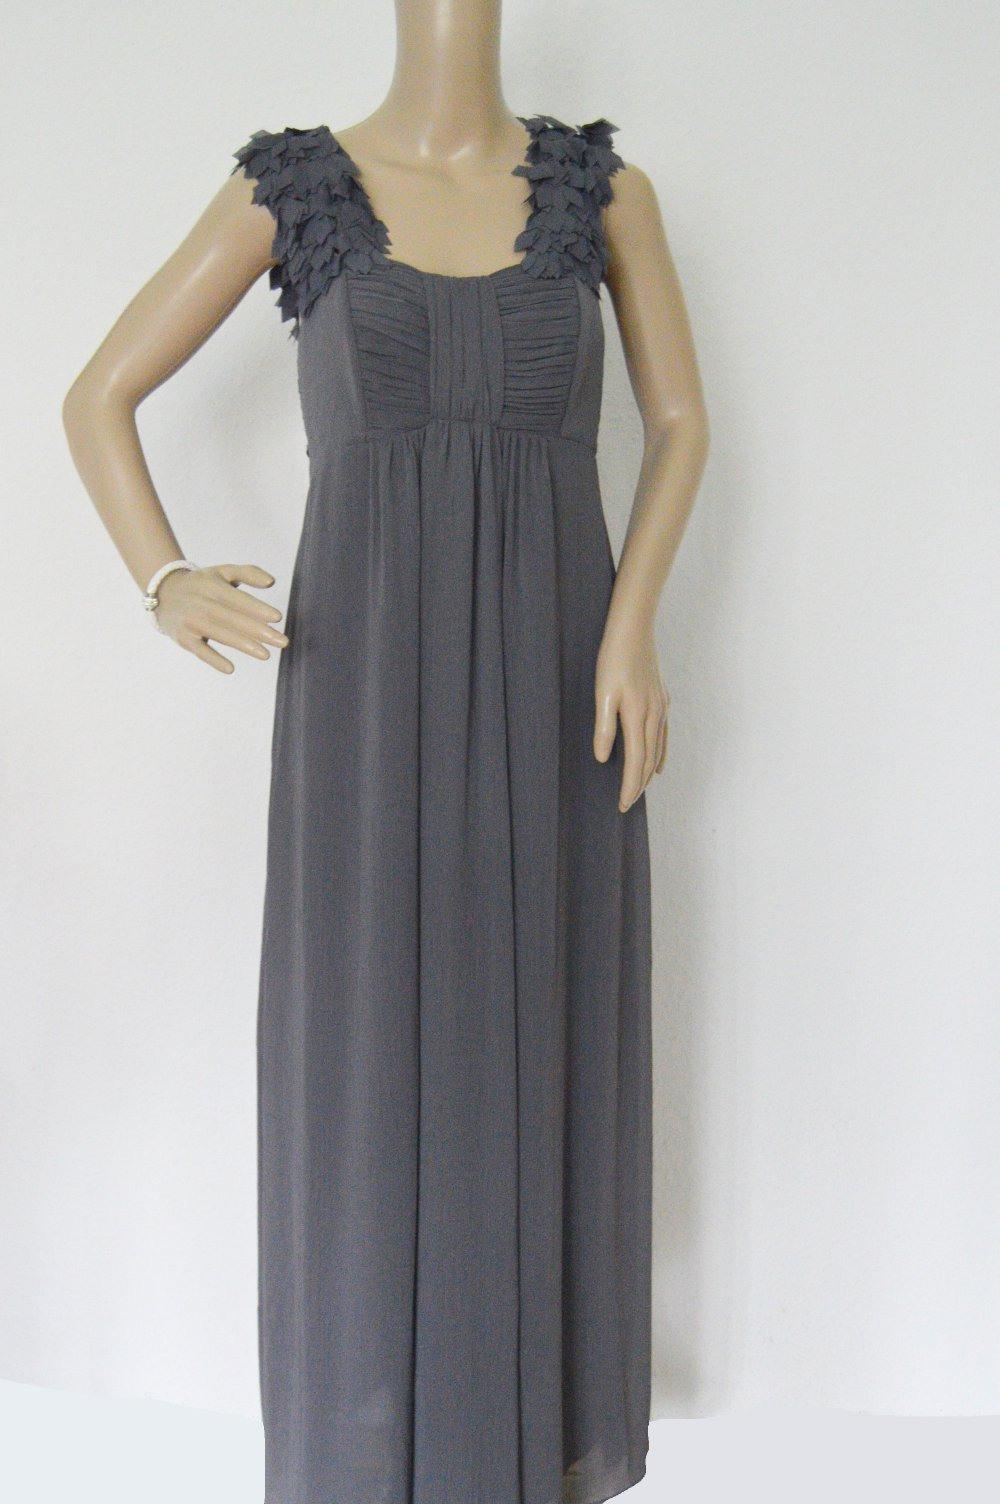 Formal Coolste Abendkleid Grau Lang ÄrmelAbend Erstaunlich Abendkleid Grau Lang Bester Preis